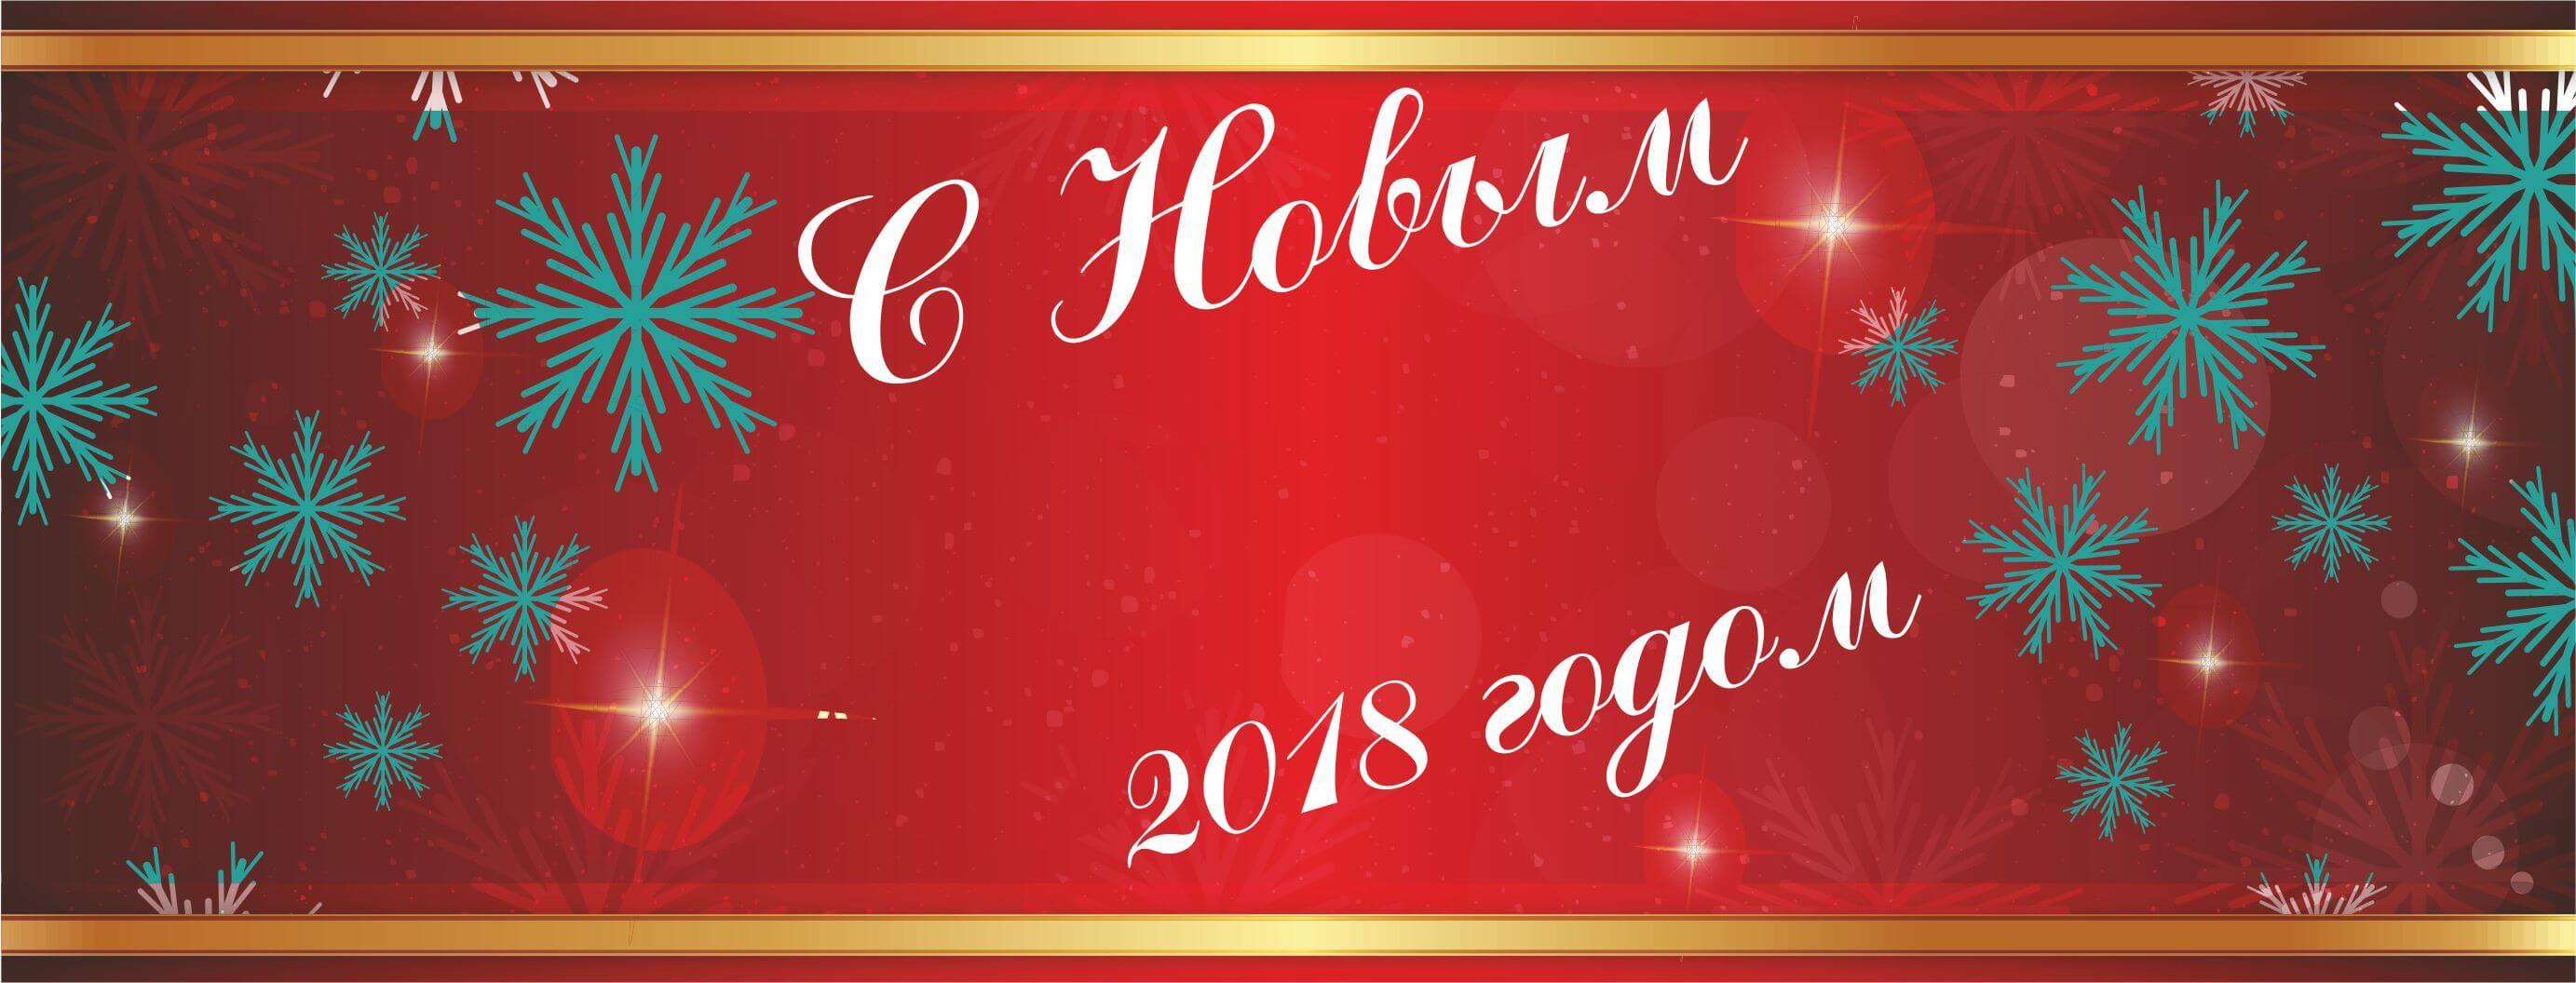 Поздравление с Новым годом от АльянсМед